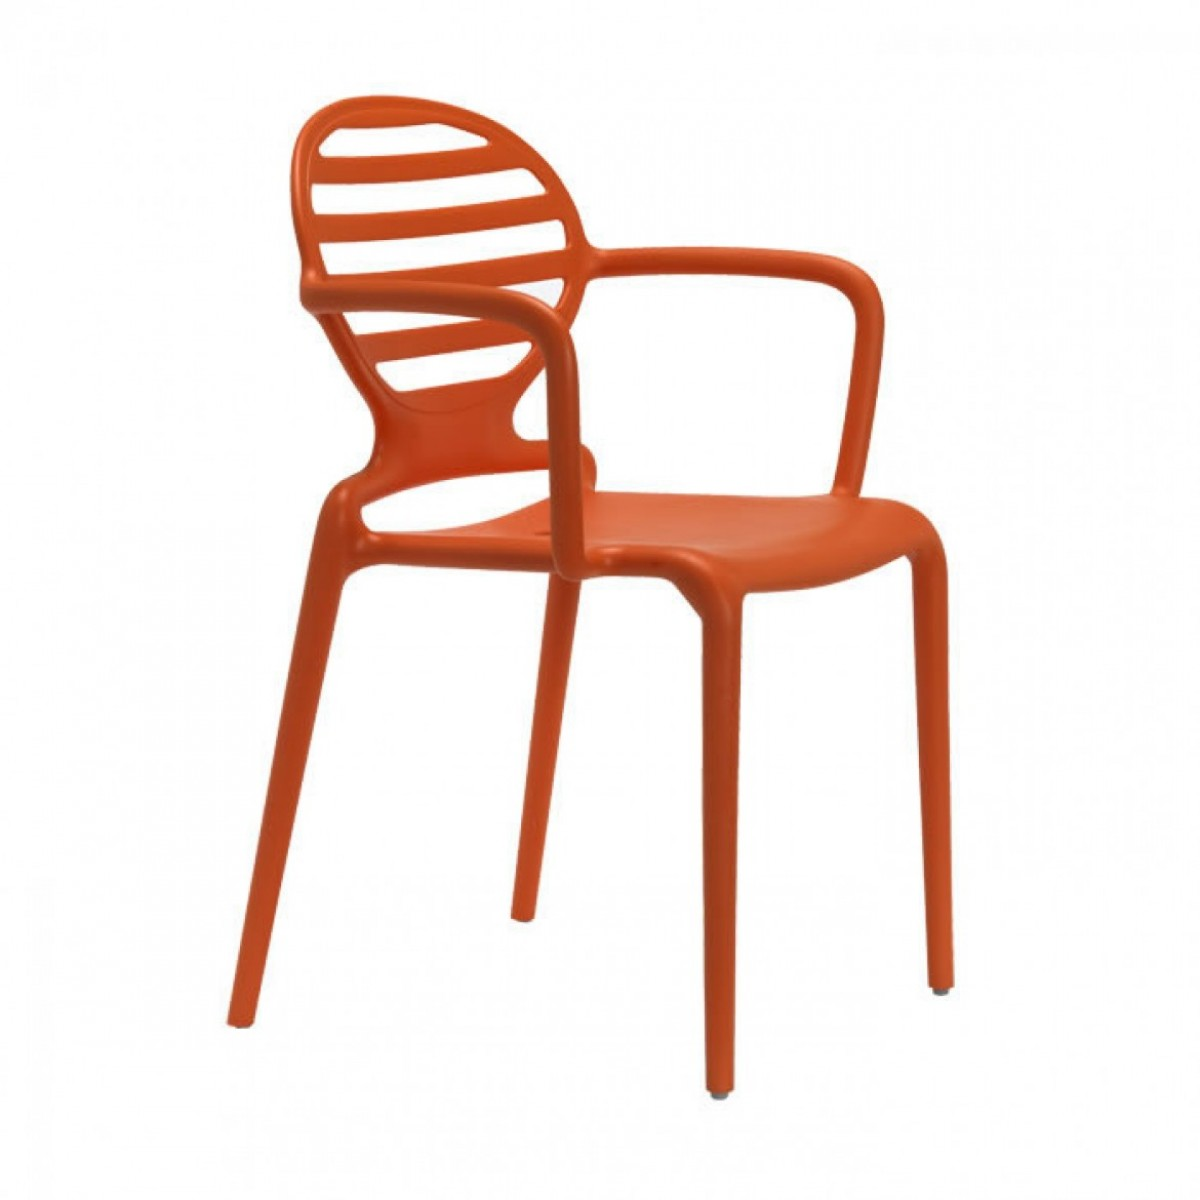 gartenstuhl orange kunststoff stuhl mit armlehne orange f r den garten. Black Bedroom Furniture Sets. Home Design Ideas